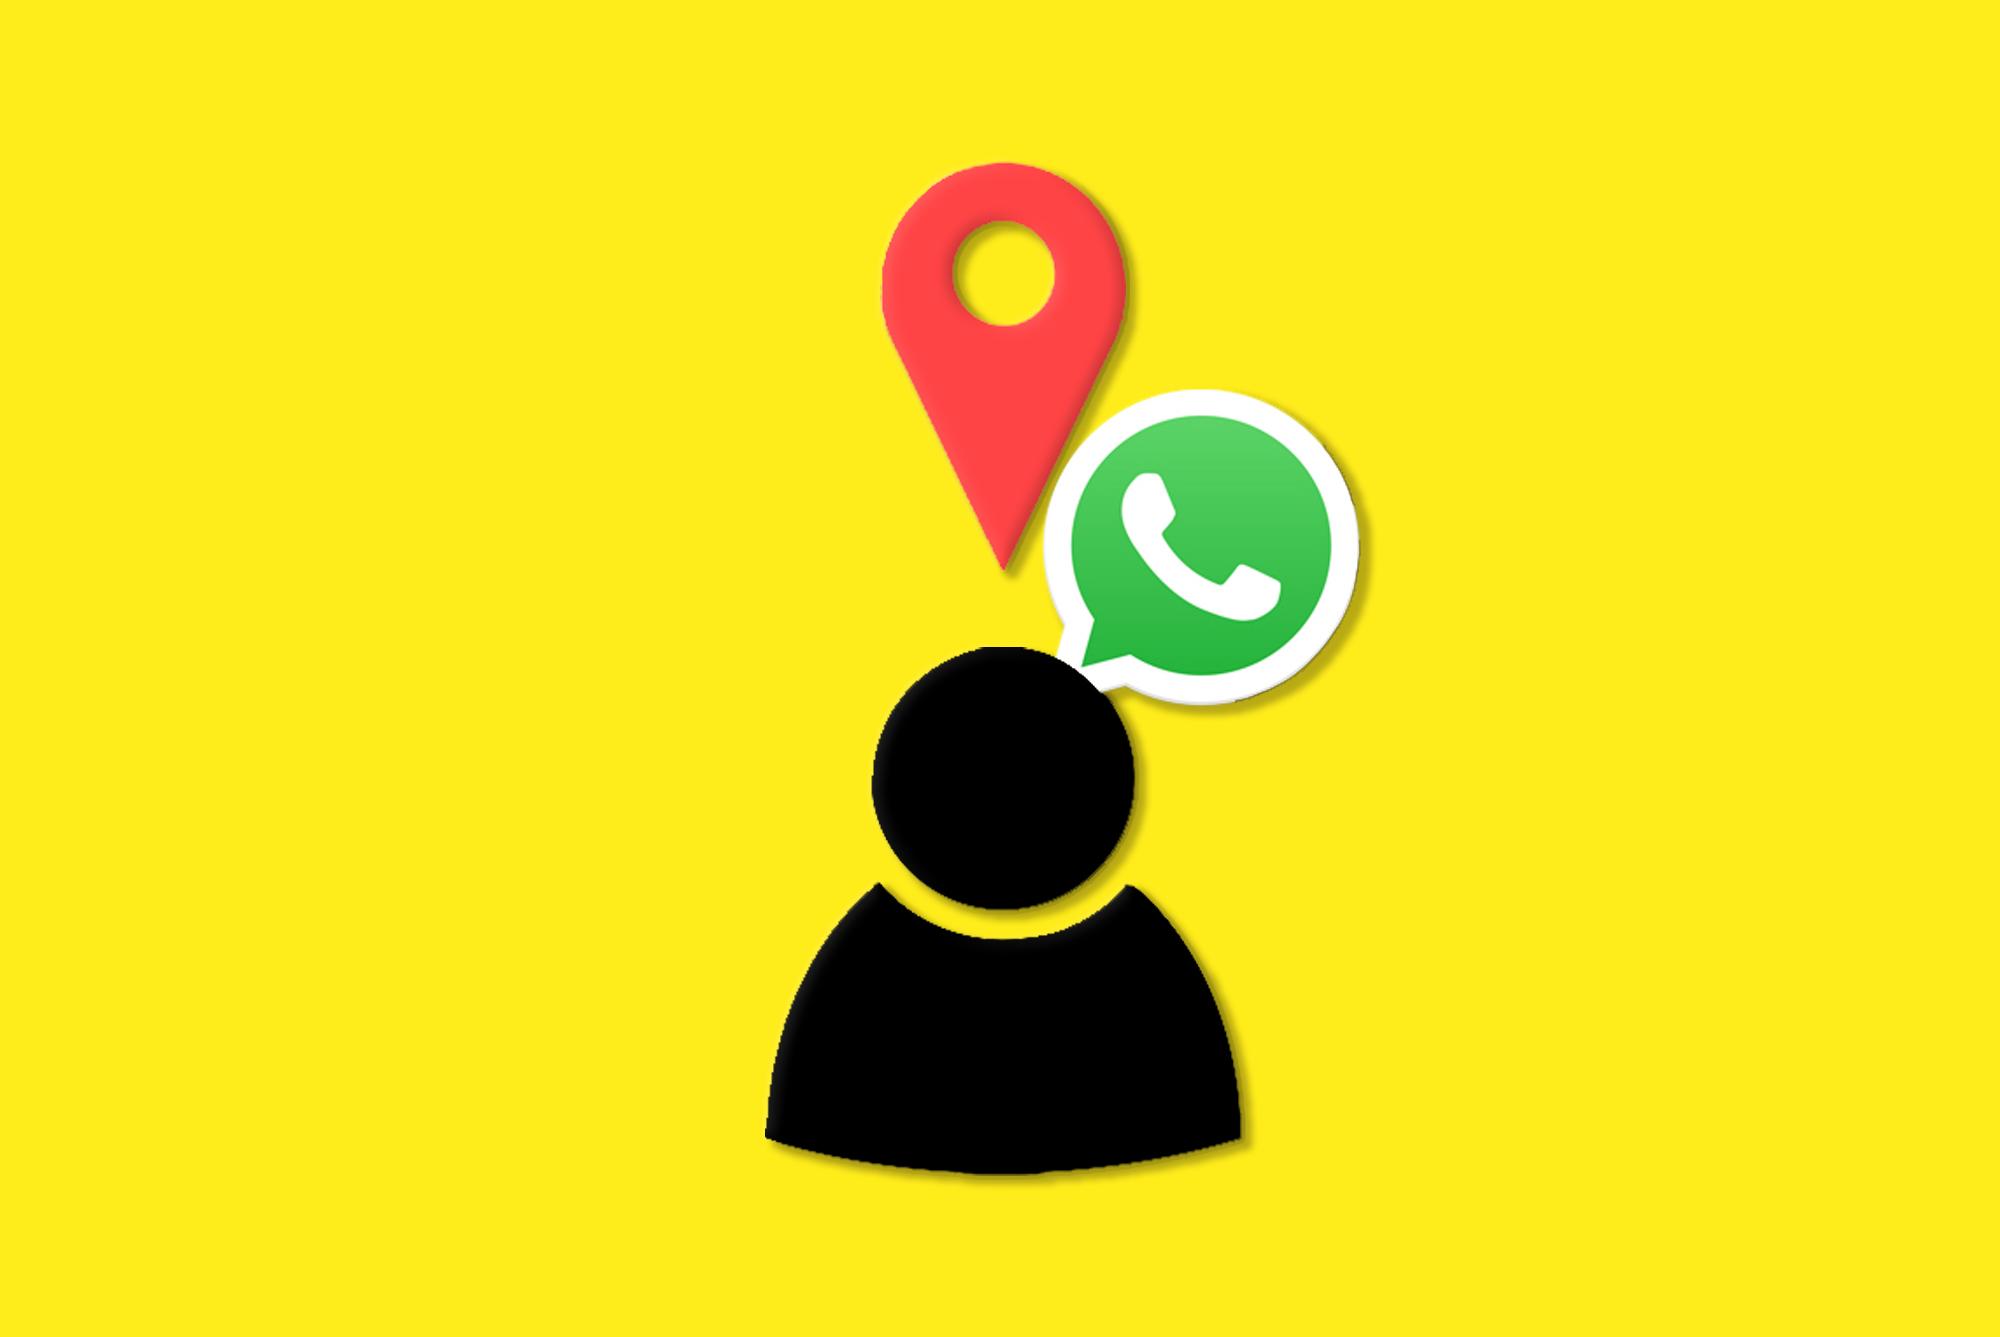 ¿Es posible conocer la ubicación de tus contactos de WhatsApp sin que te la envíen?